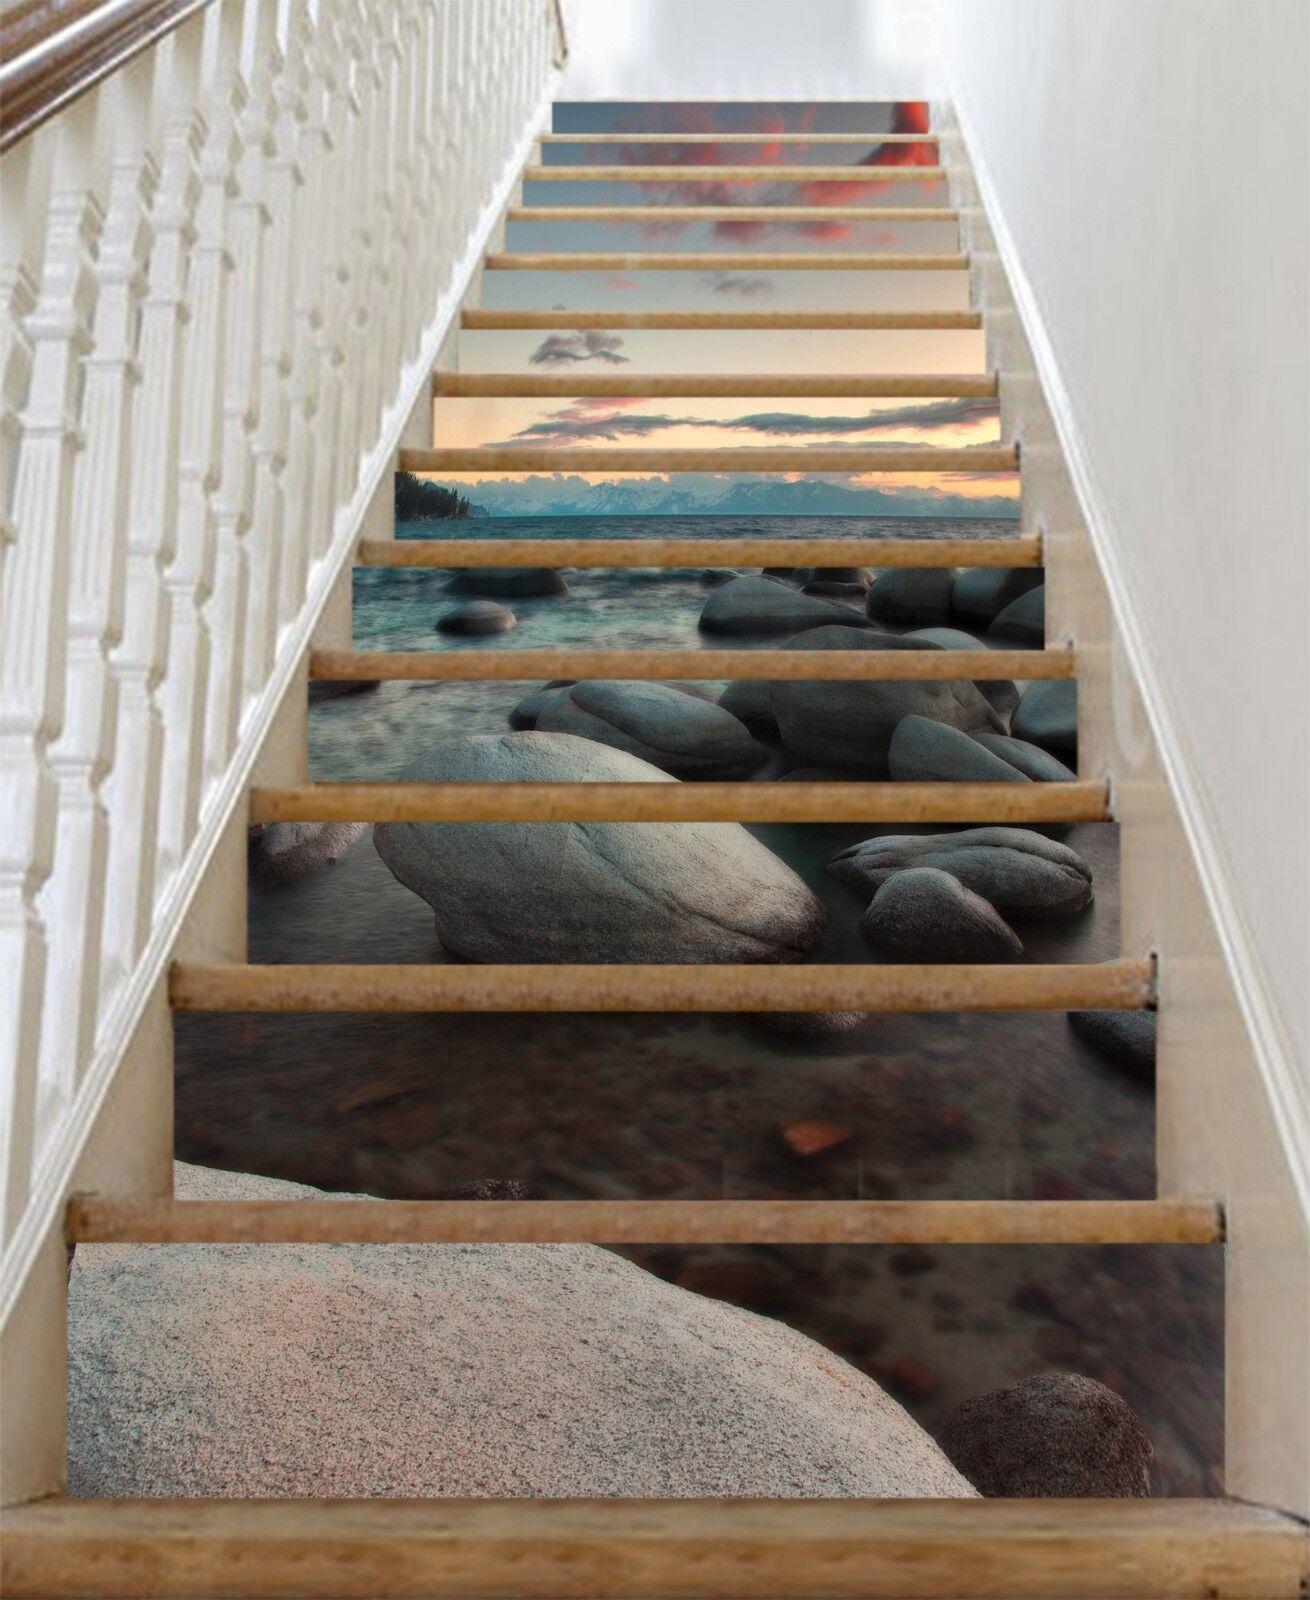 3d seesteinen 1313 Stair Risers Décoration Papier Peint Vinyle Autocollant Papier Peint De